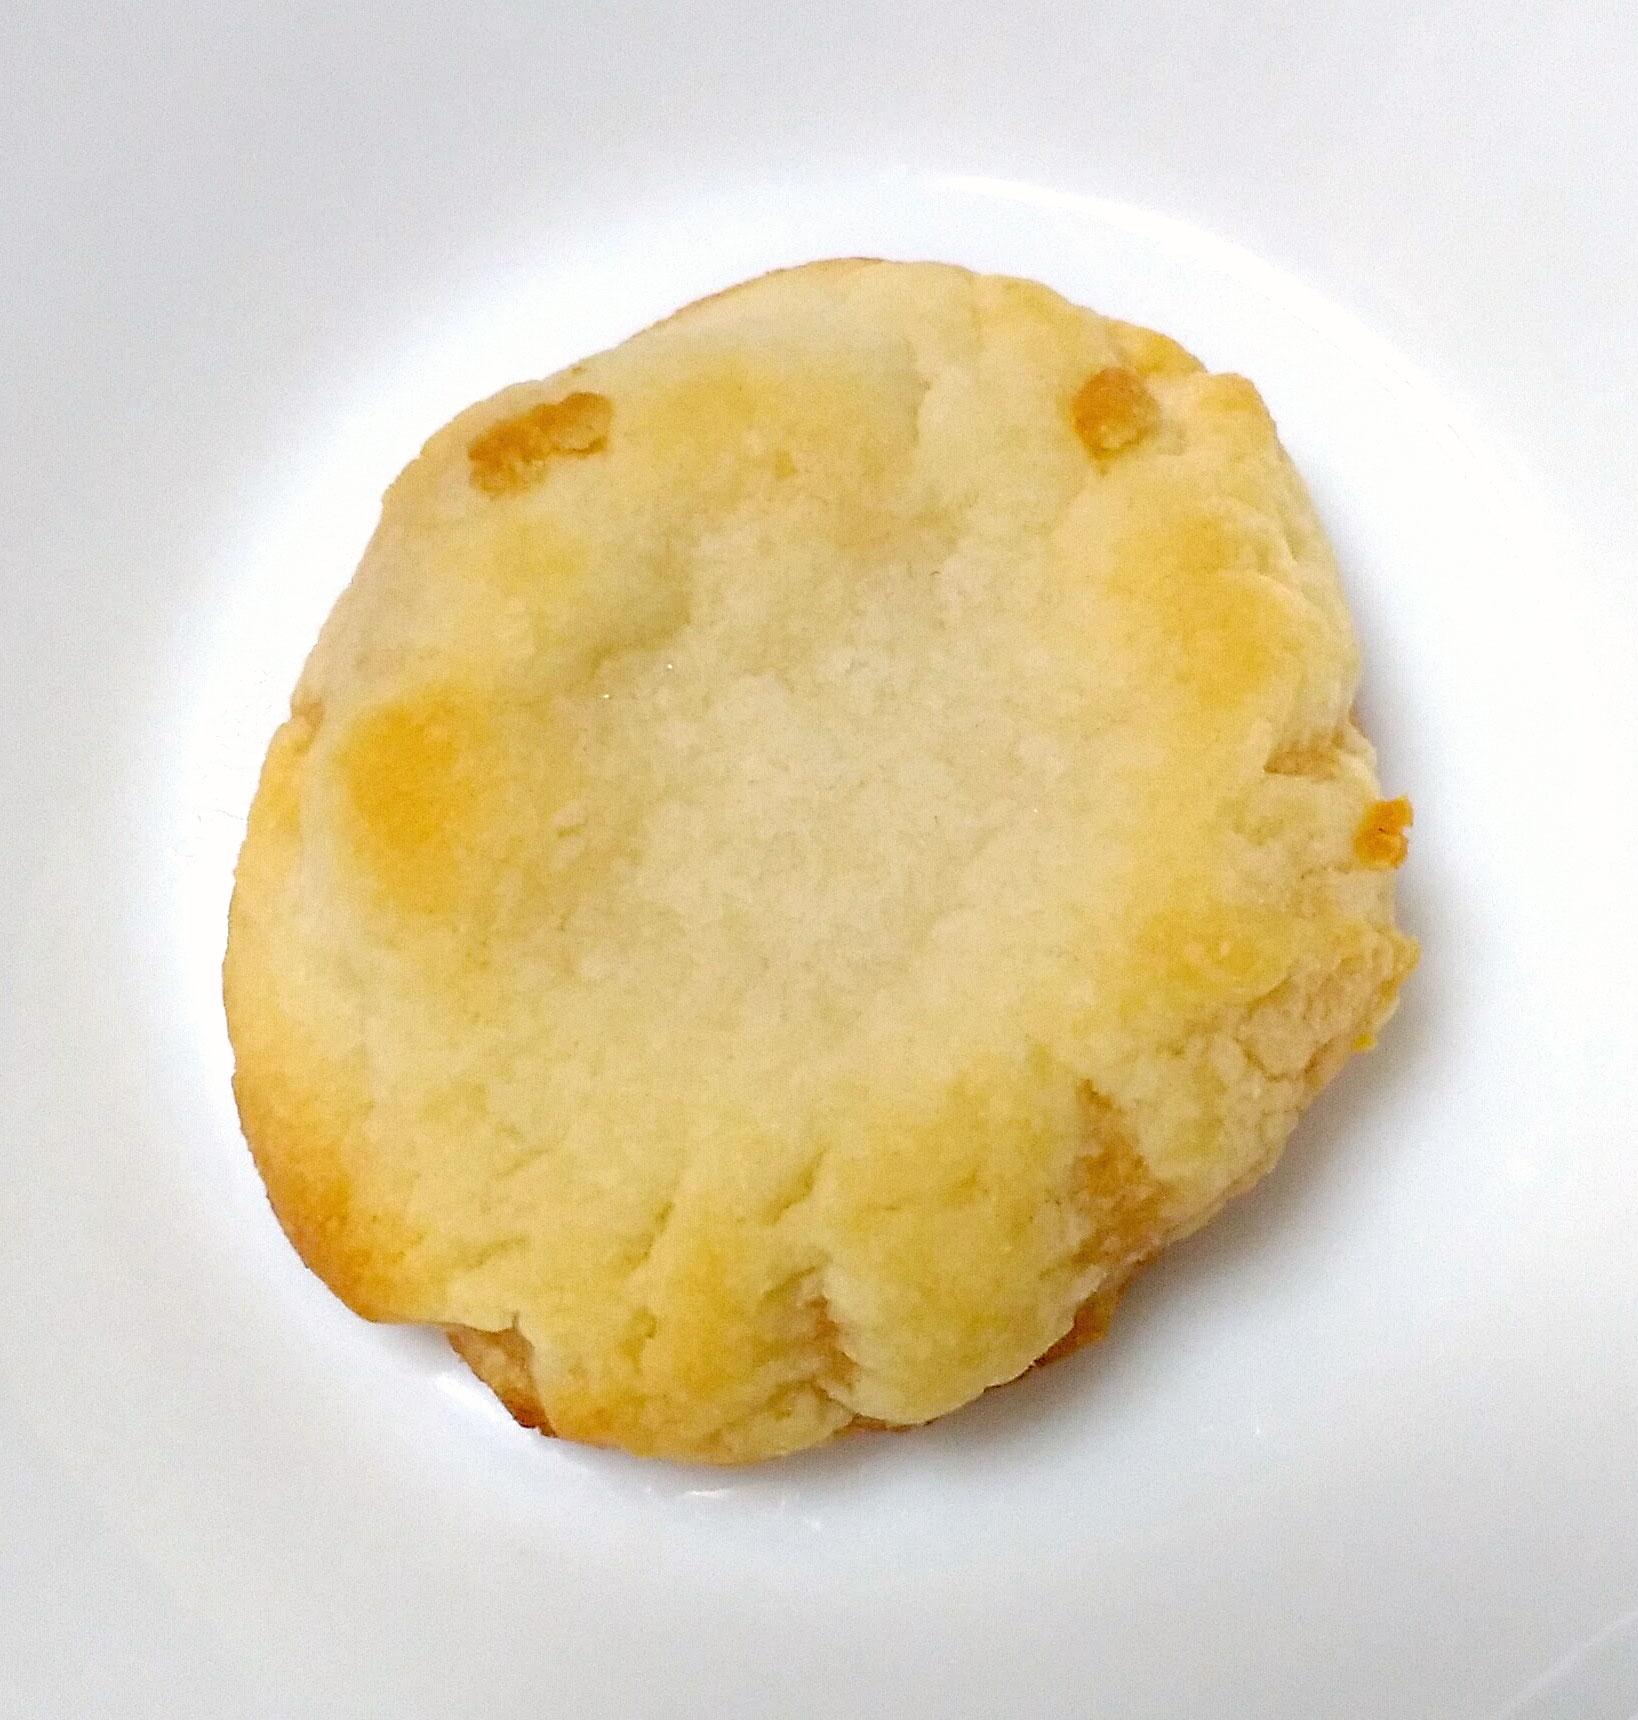 オーブントースターで焼いた「カントリーマアム・クリームシチュー風味」